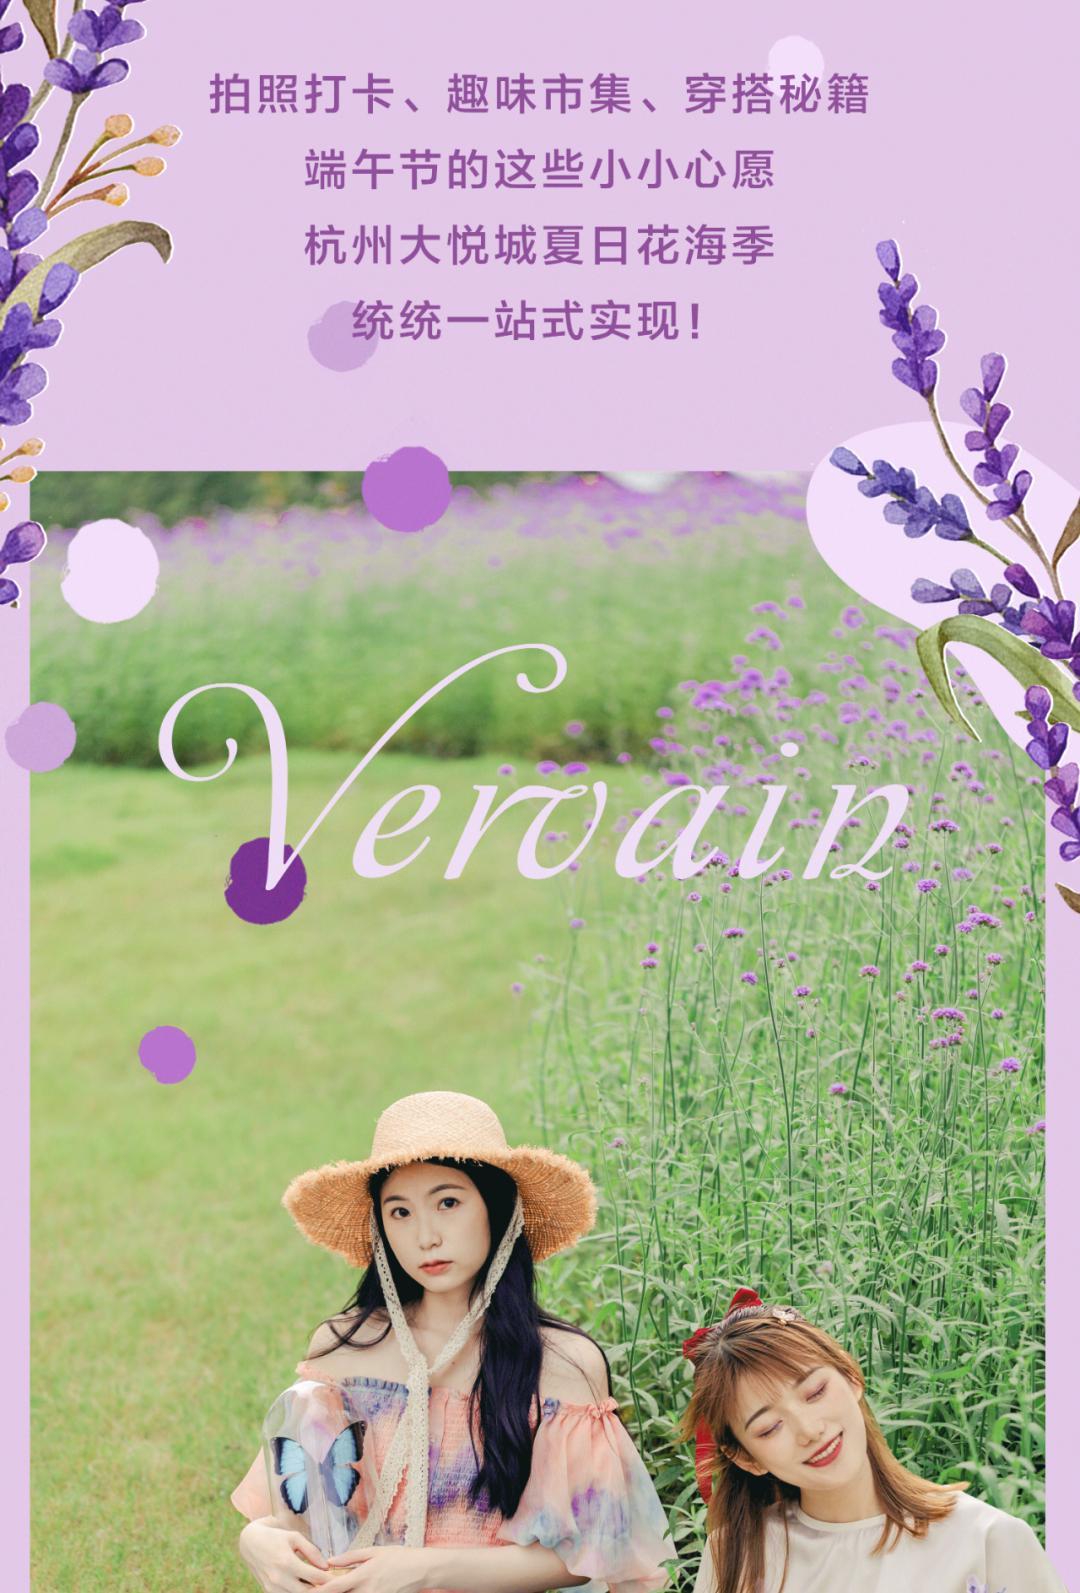 杭州の小普罗旺斯,隐藏在市区里的2000㎡超大紫色花海!小长假必去的打卡圣地!(图5)